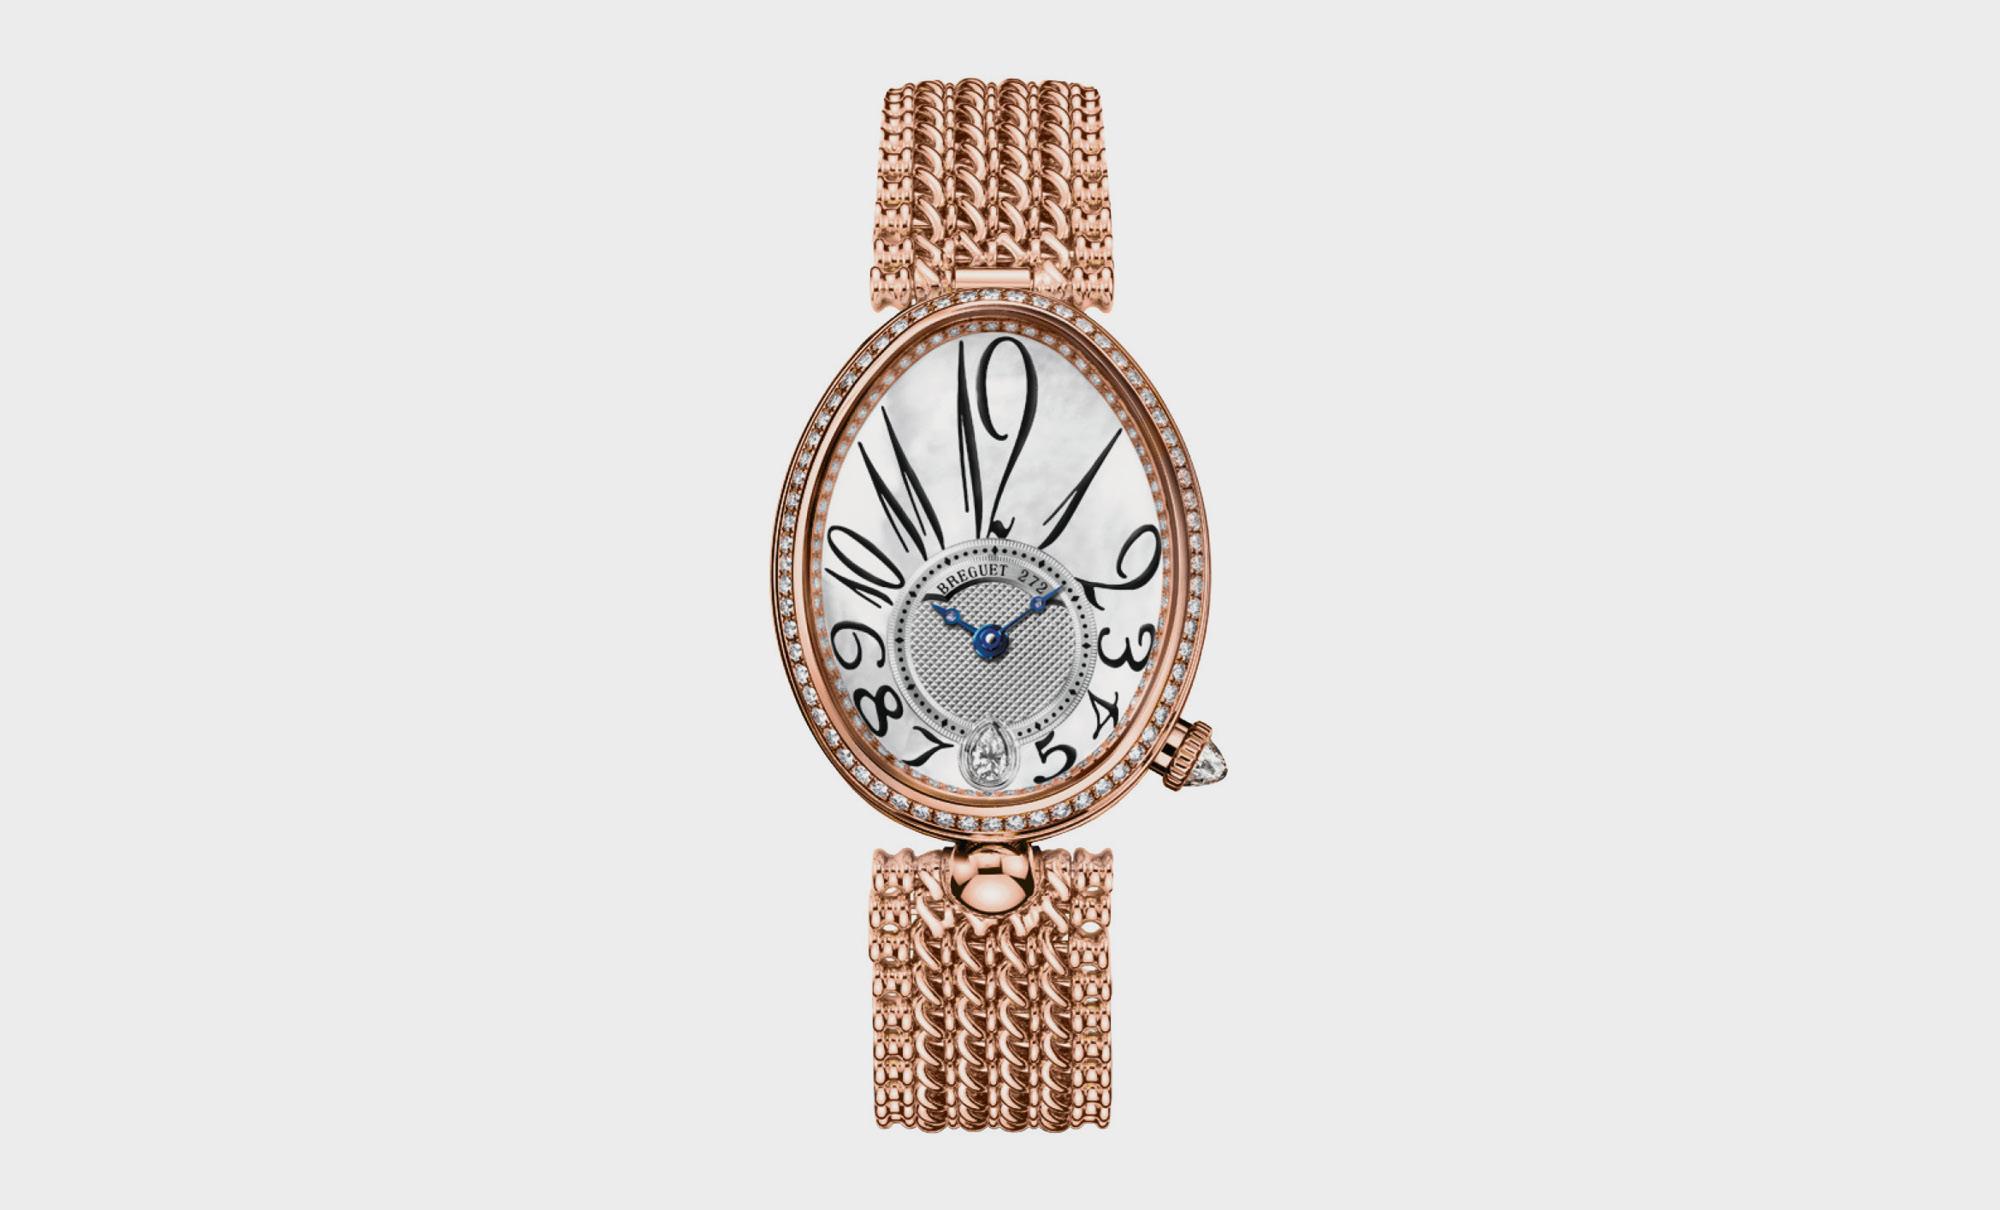 Breguet Reine de Naples, £44,800